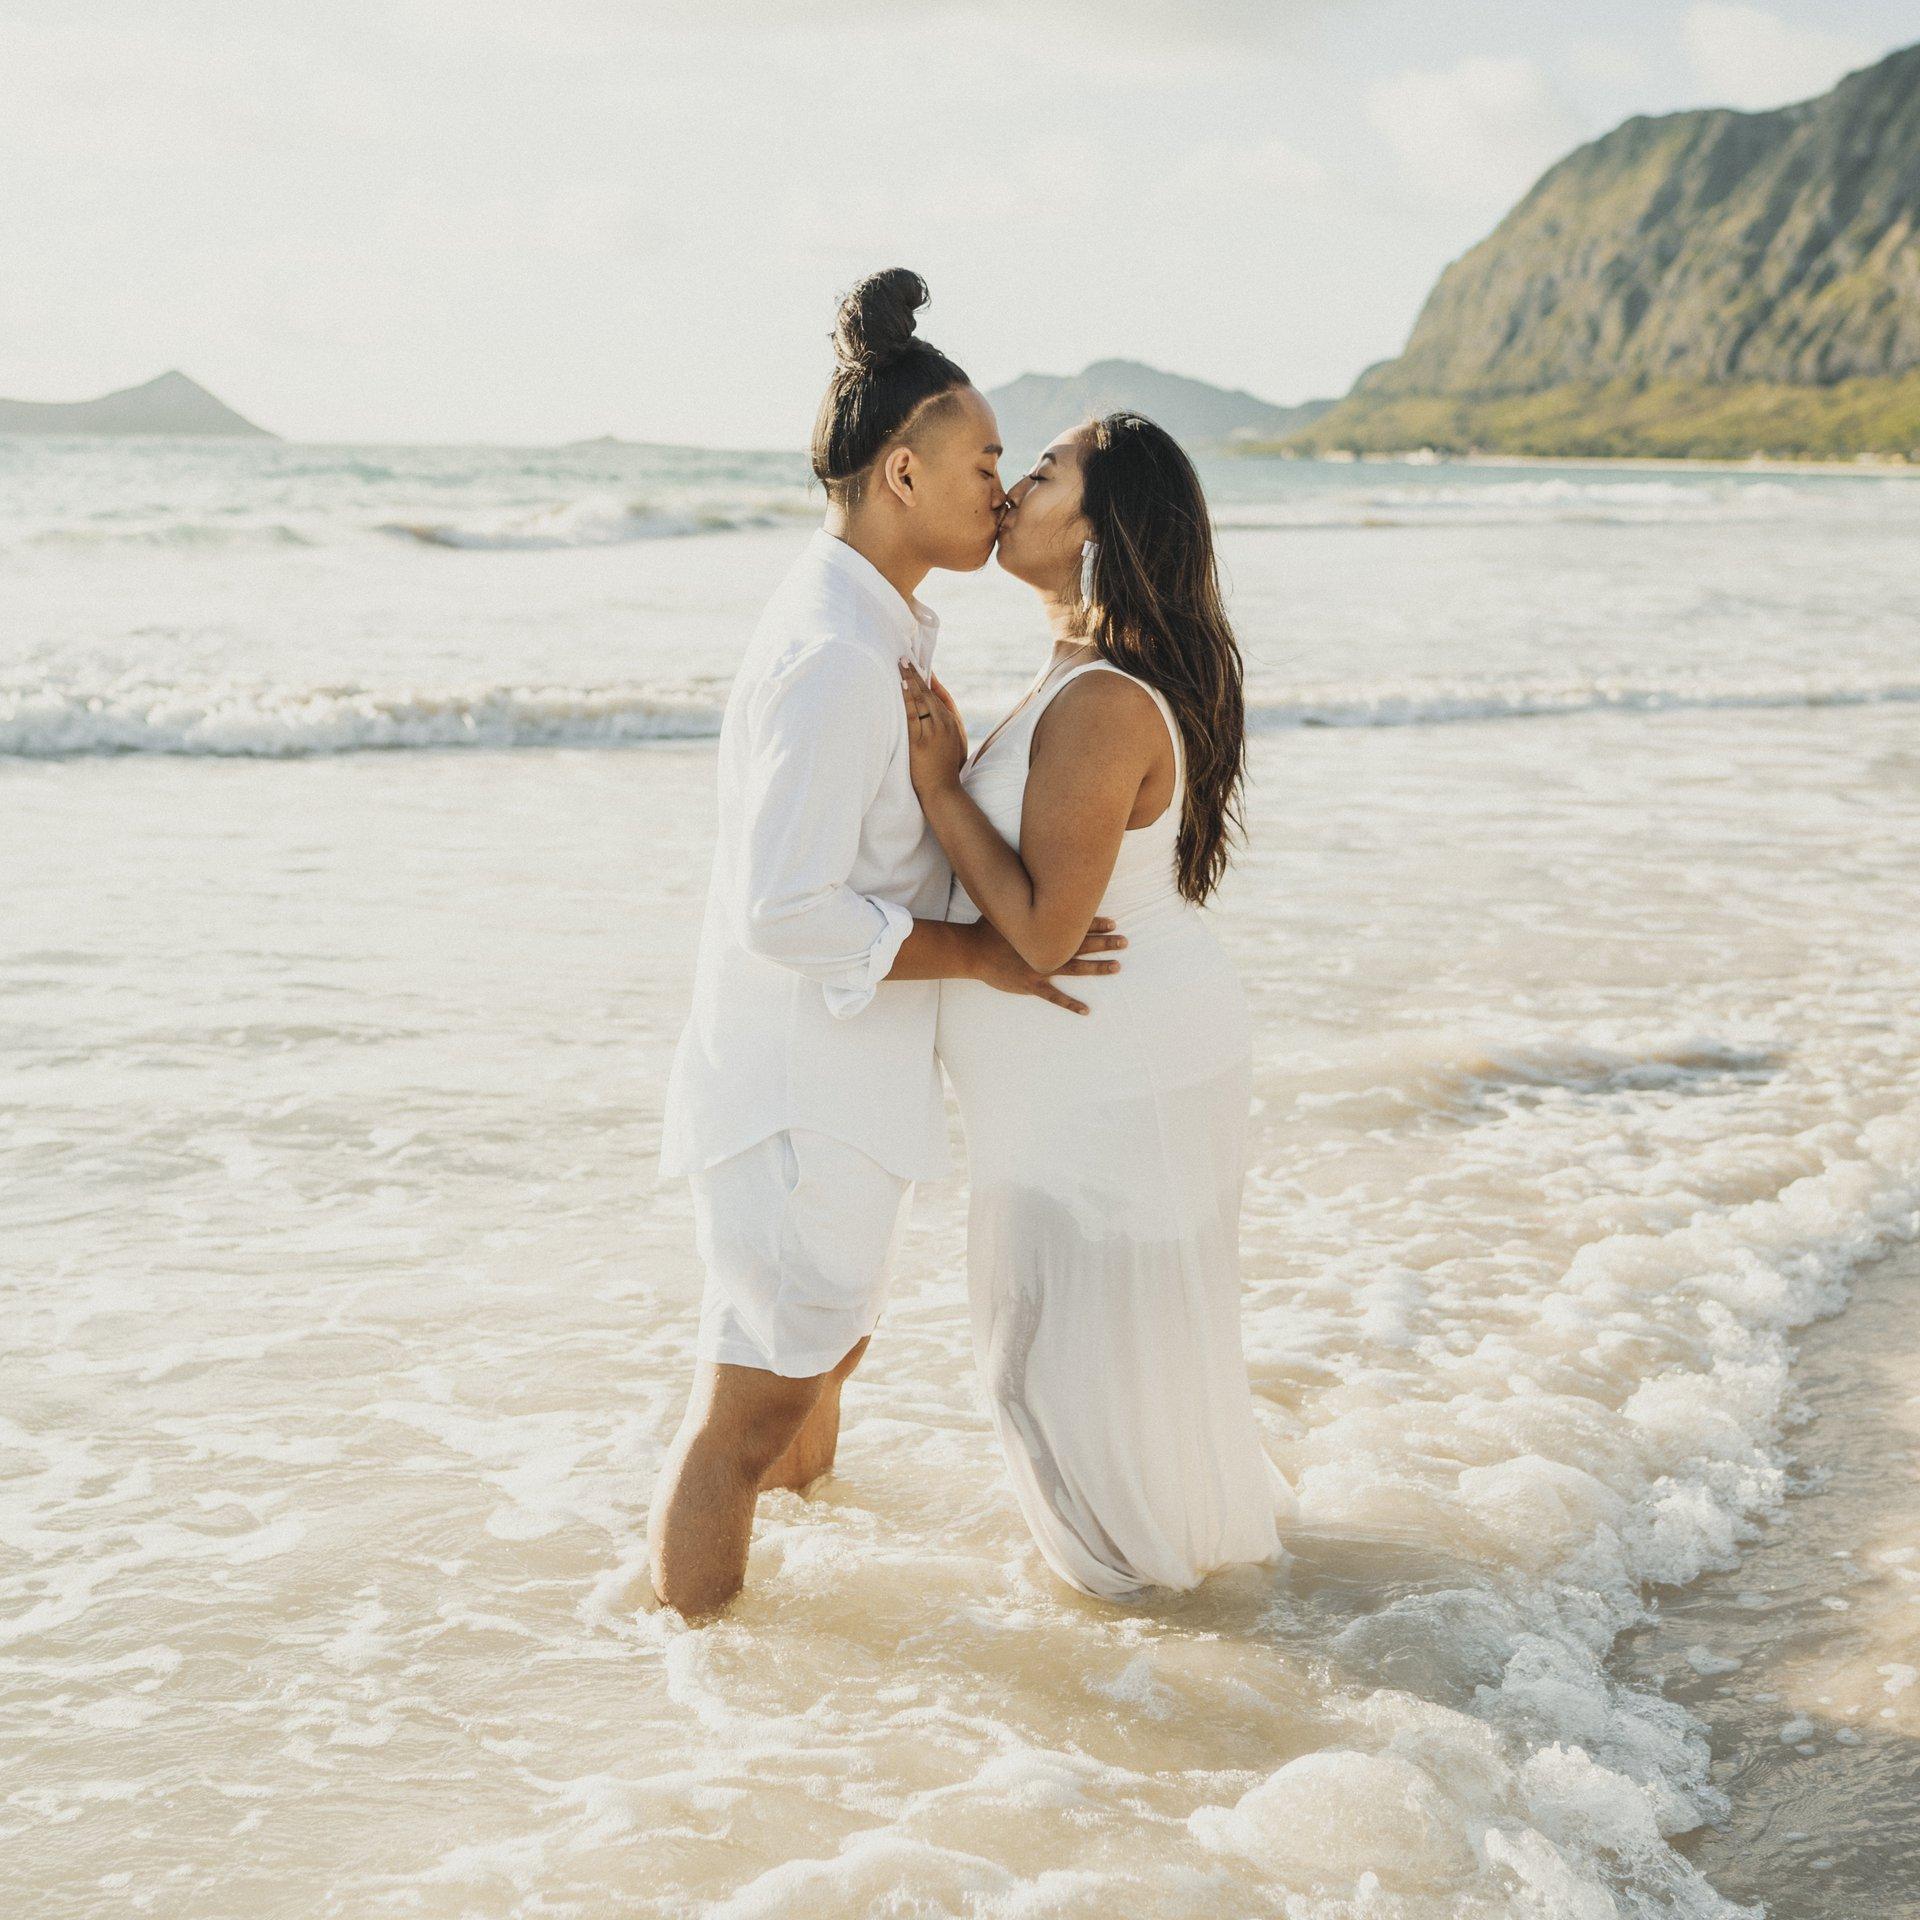 Honolulu-United States-travel-story-Flytographer-9